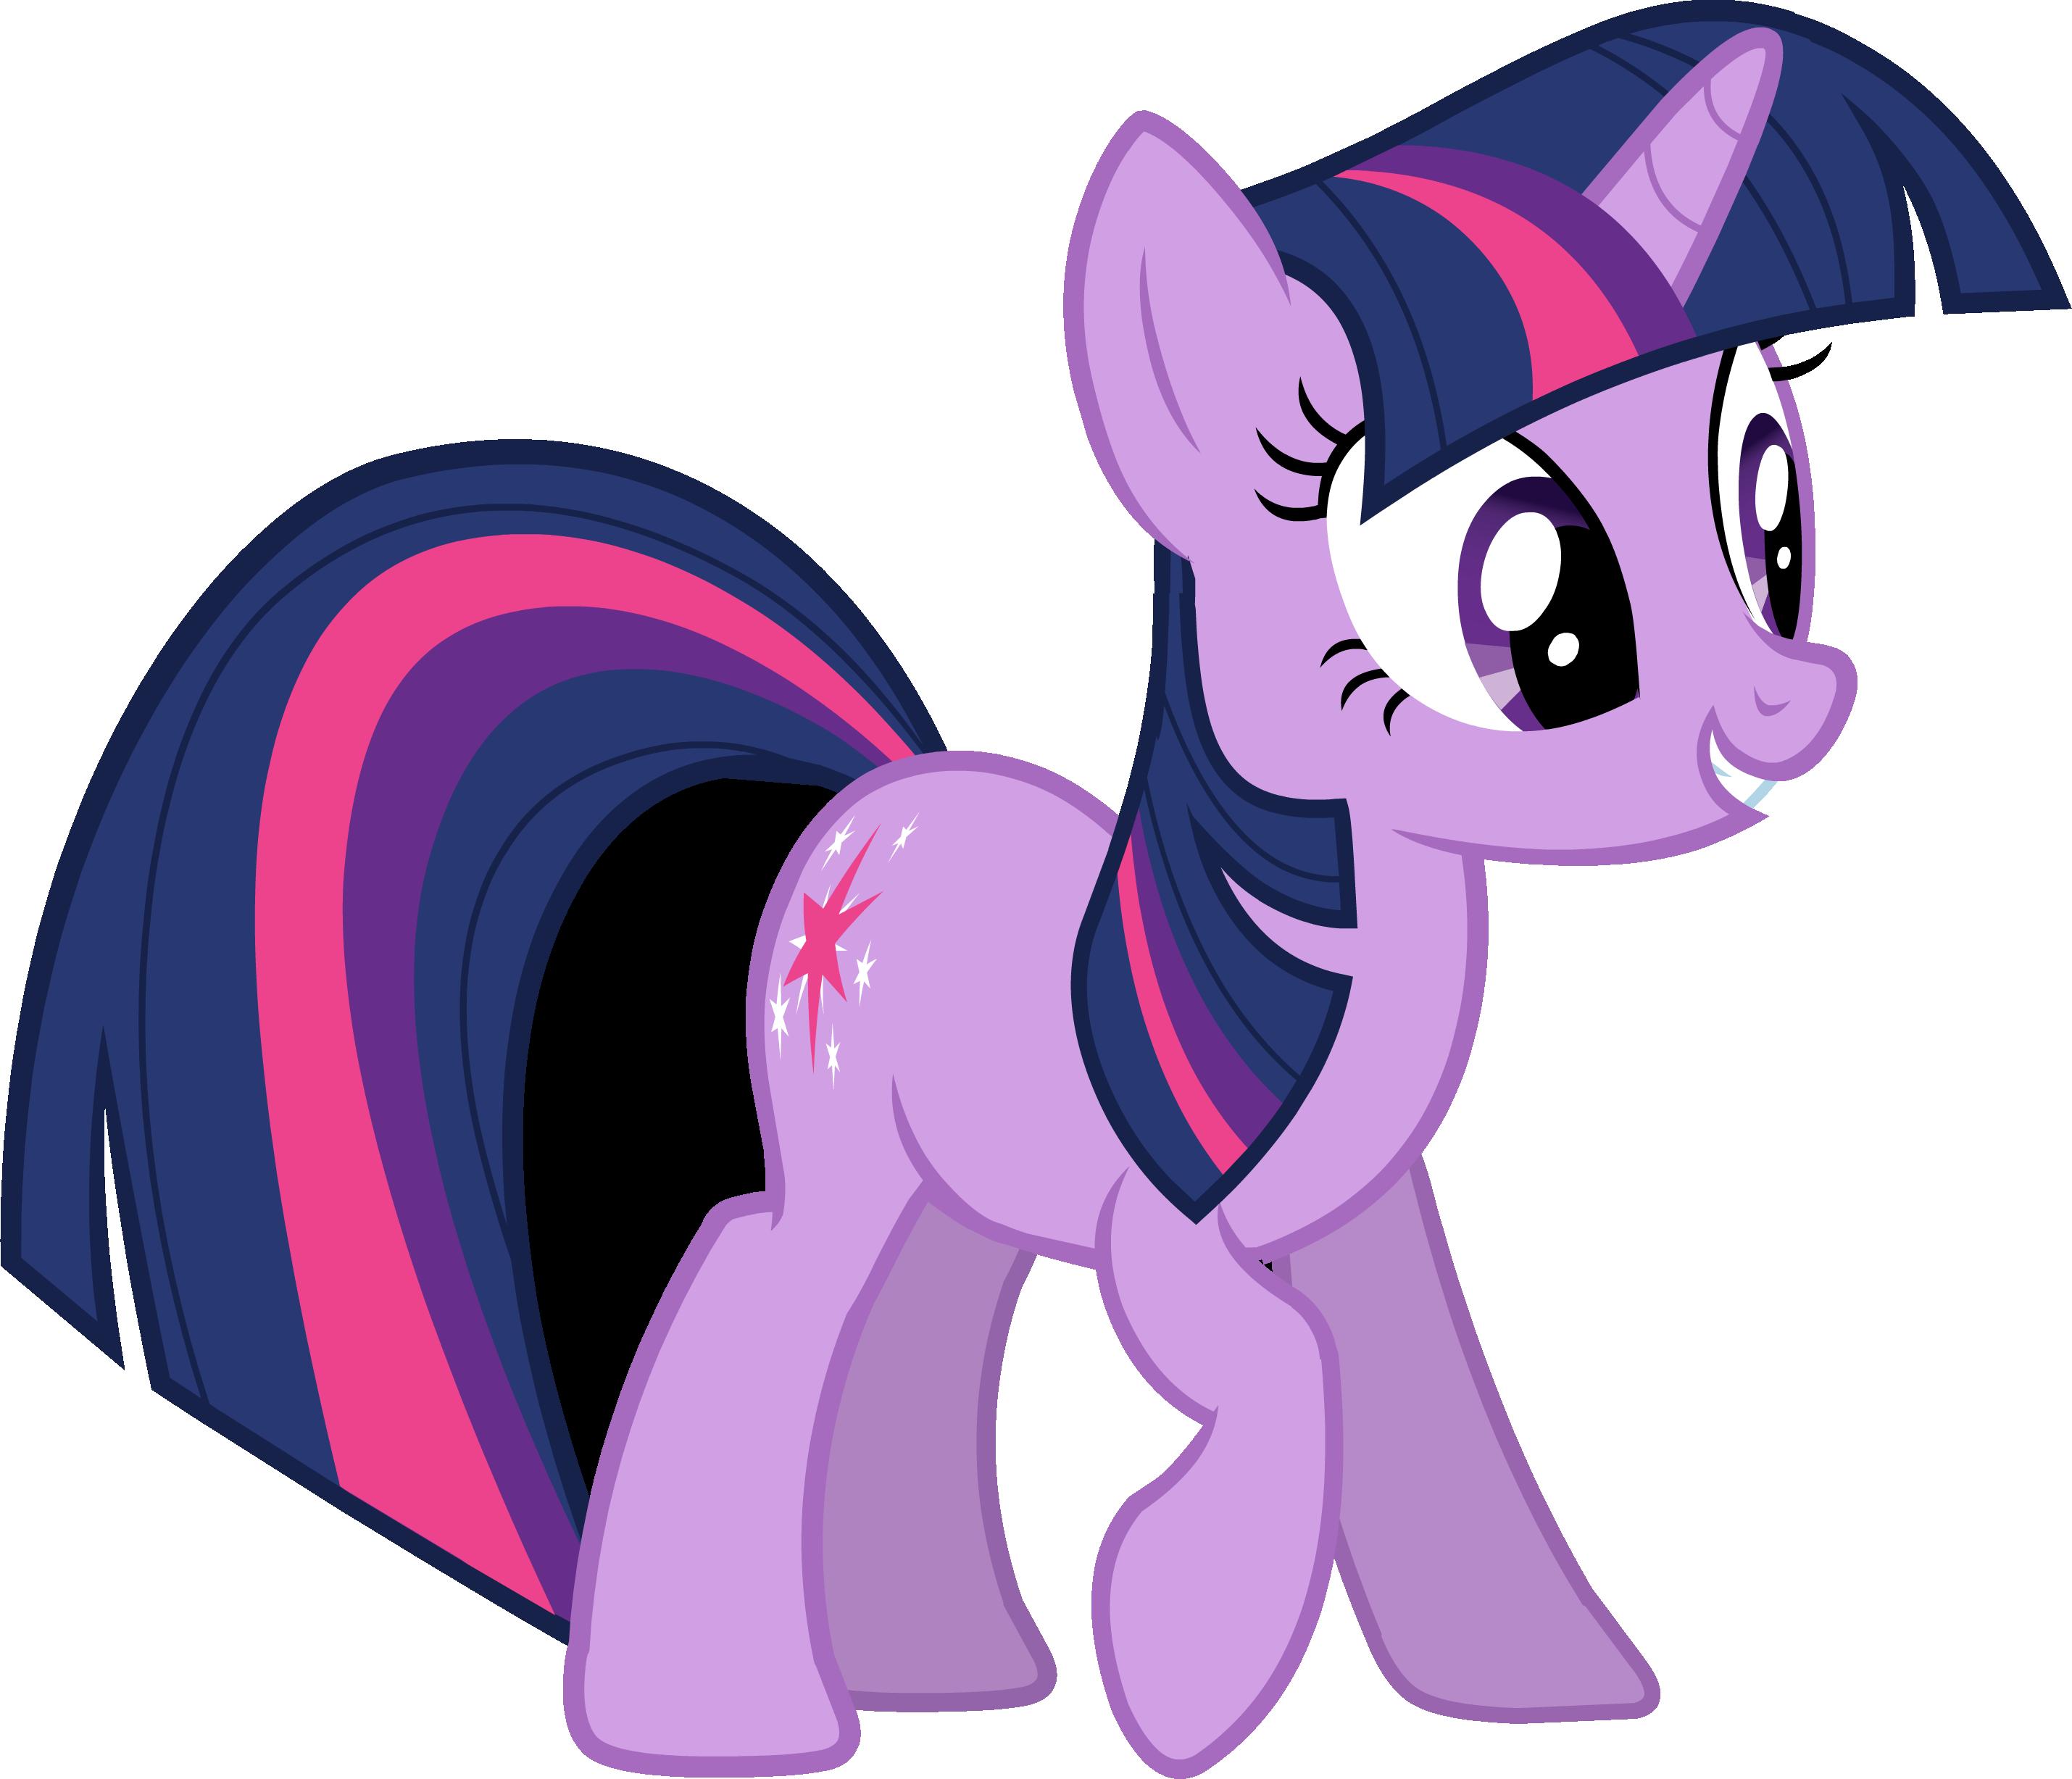 Twilight sparkle wiki my little pony fan arts - My little pony wikia ...